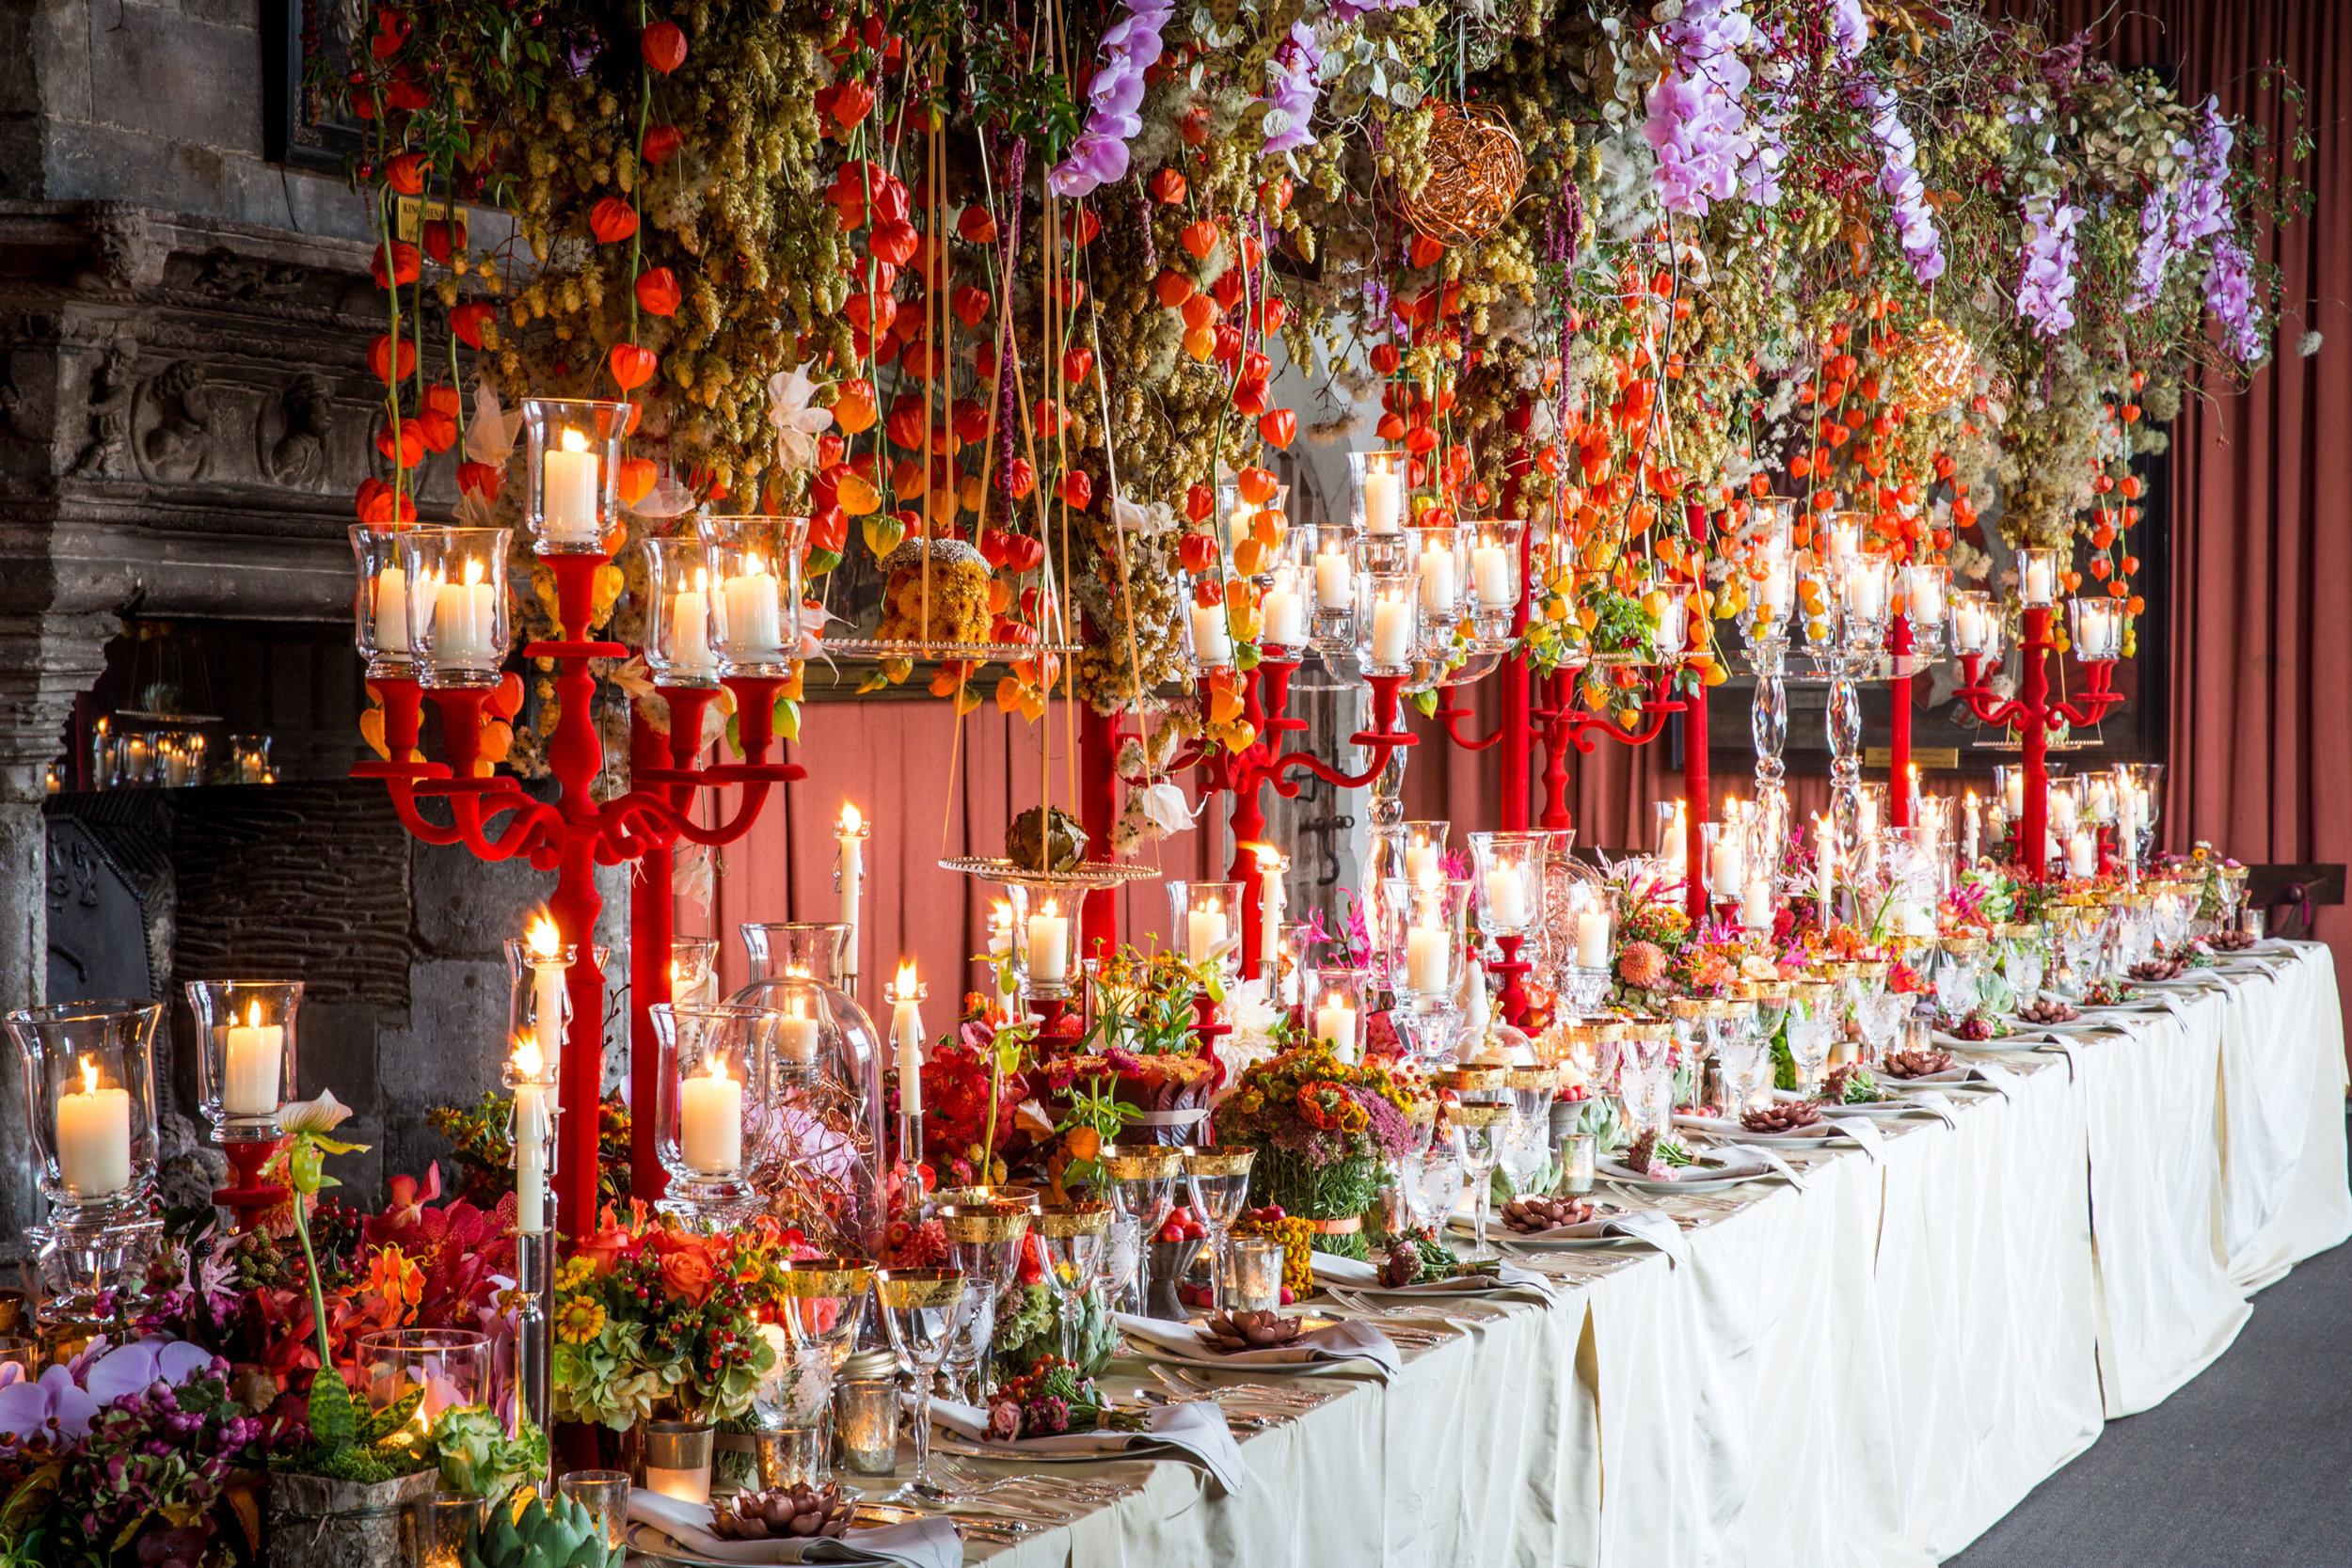 festival-of-flowers-230917-019_36879903224_o.jpg